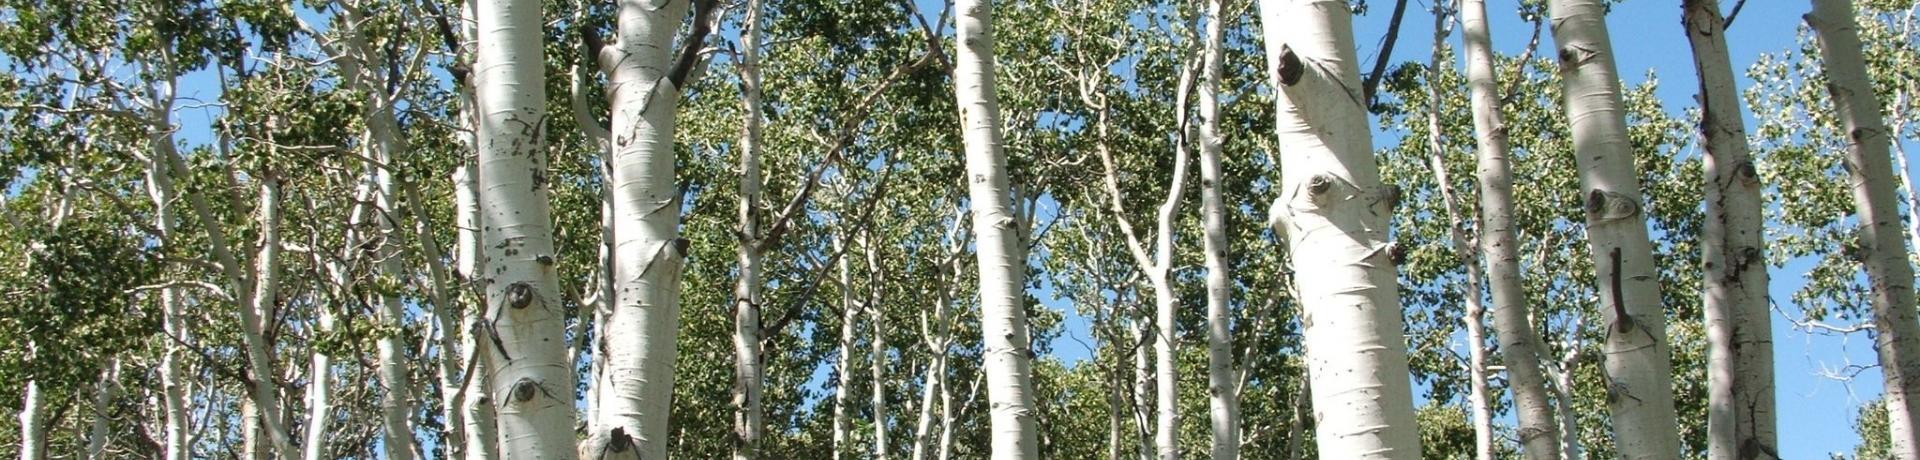 Aspen (Populus_tremuloides)